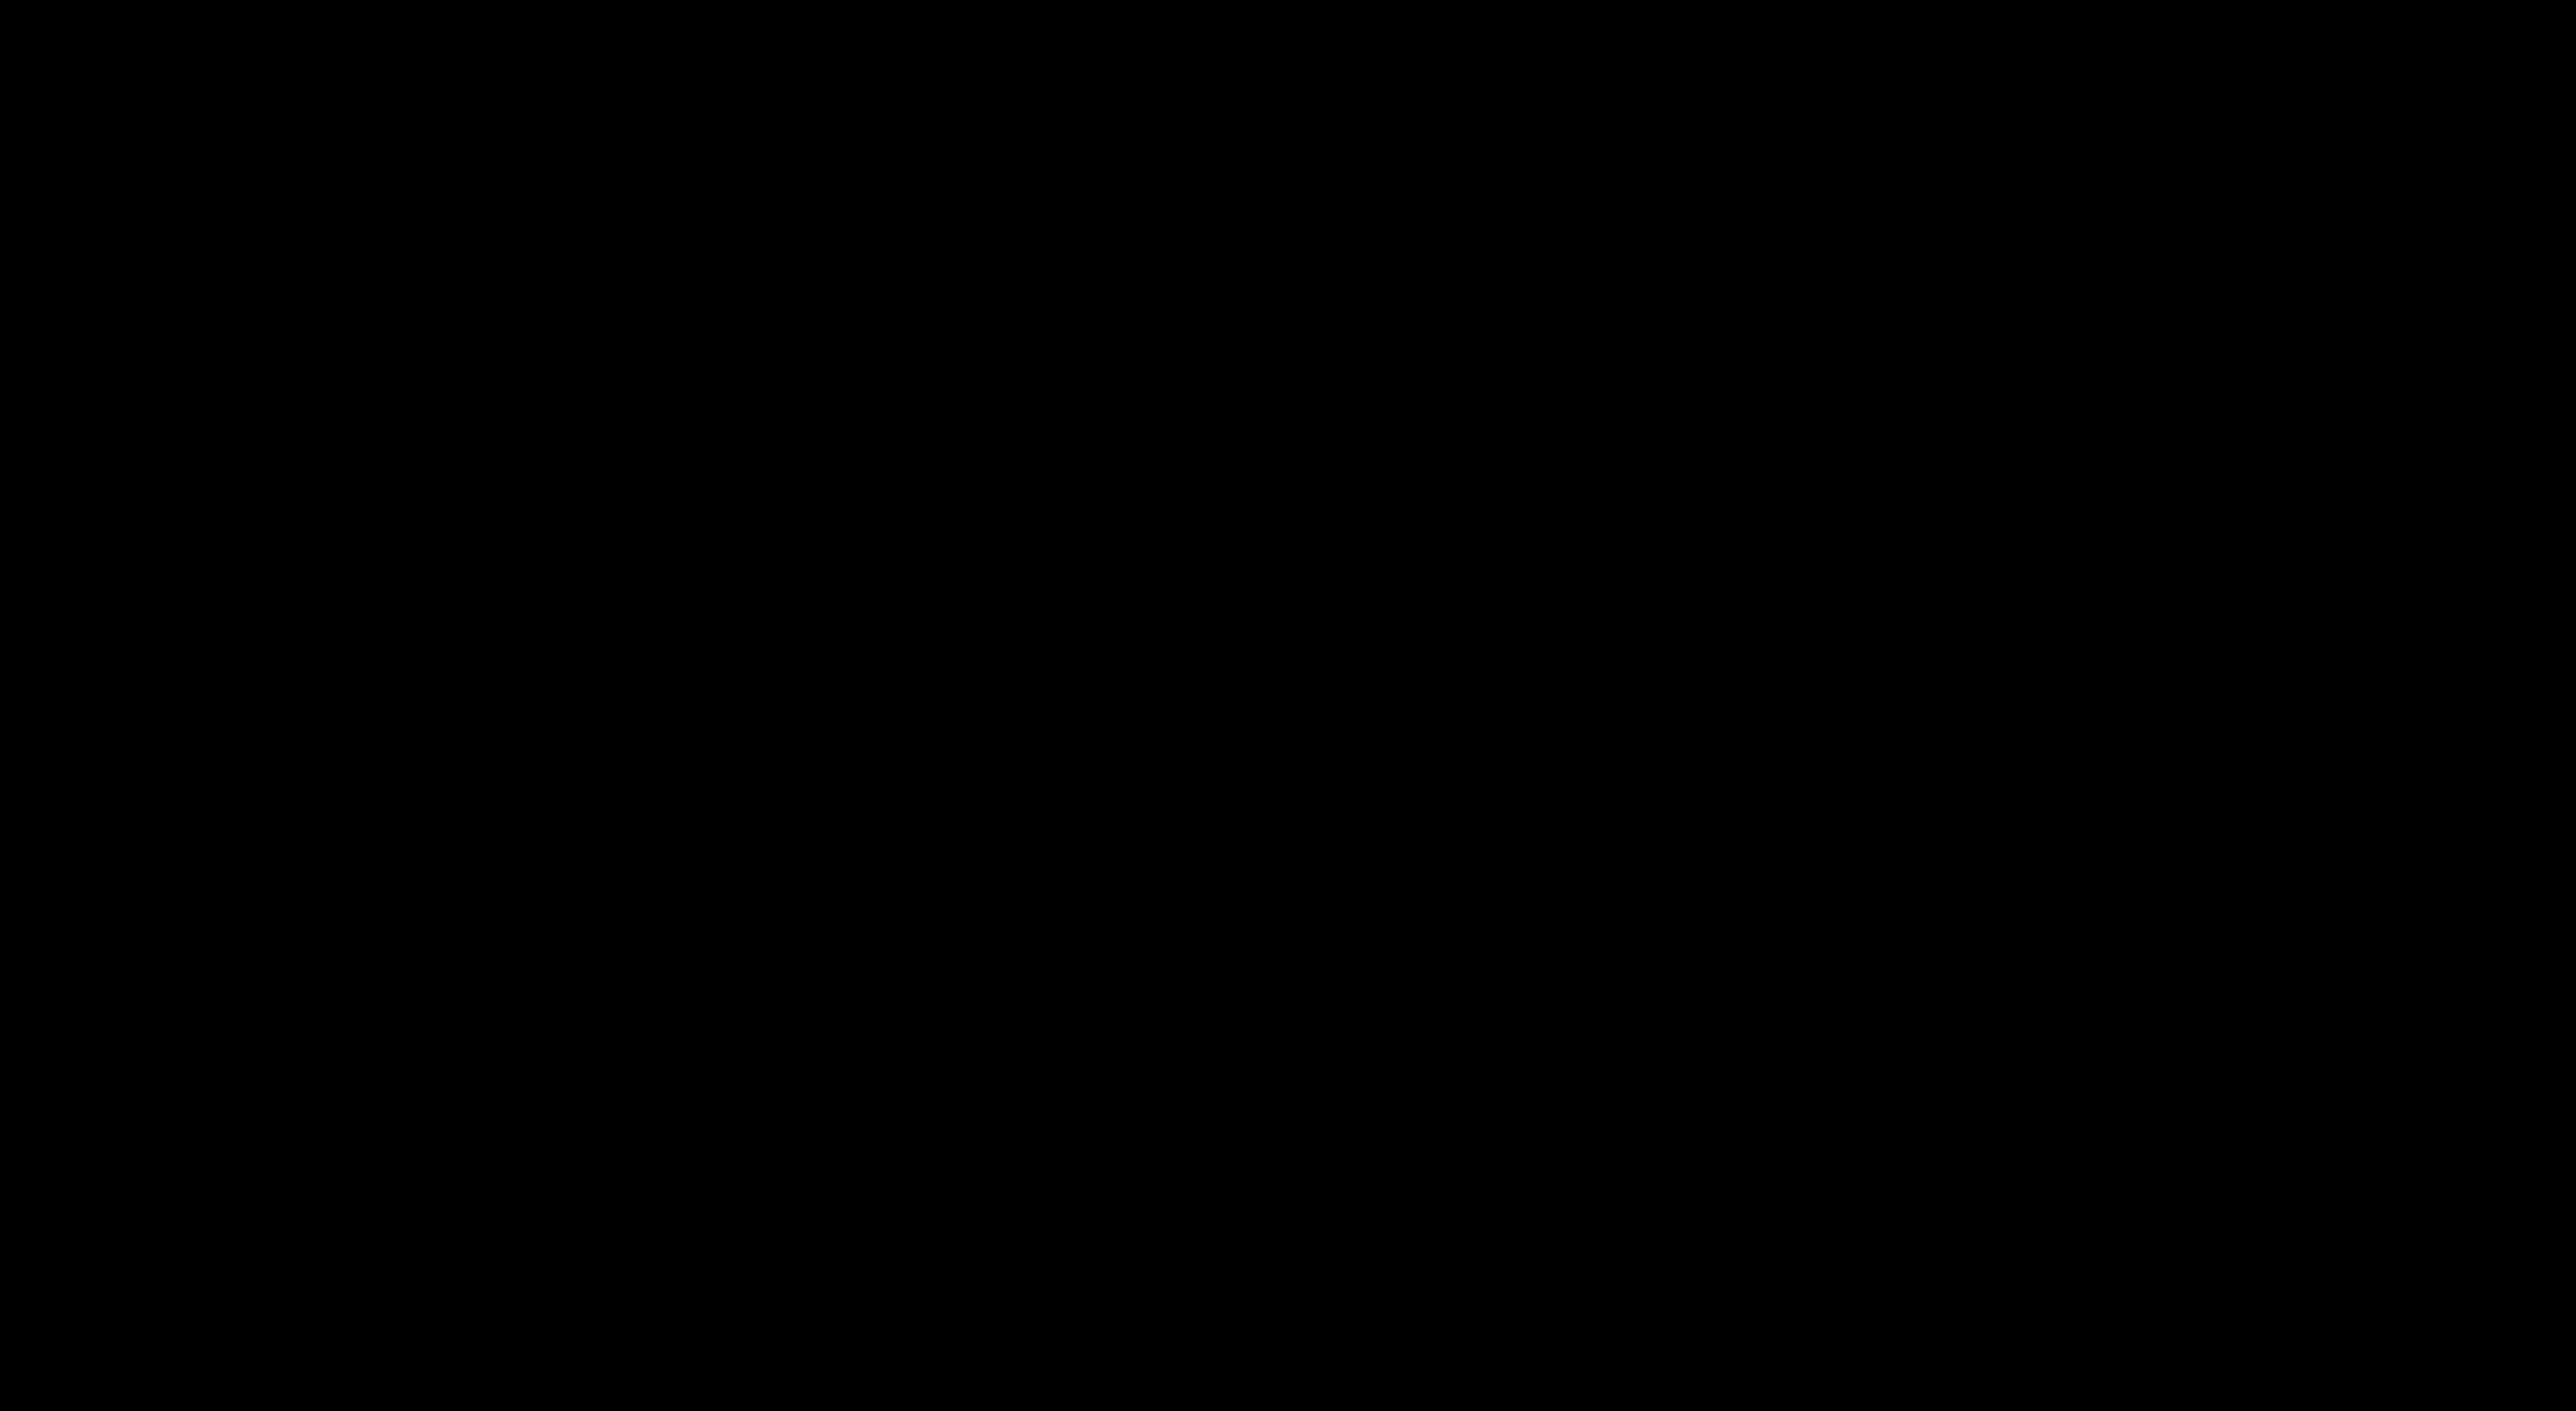 【抜け駆け合格】勉強会で自分の実力×1.5倍(Co-operator)